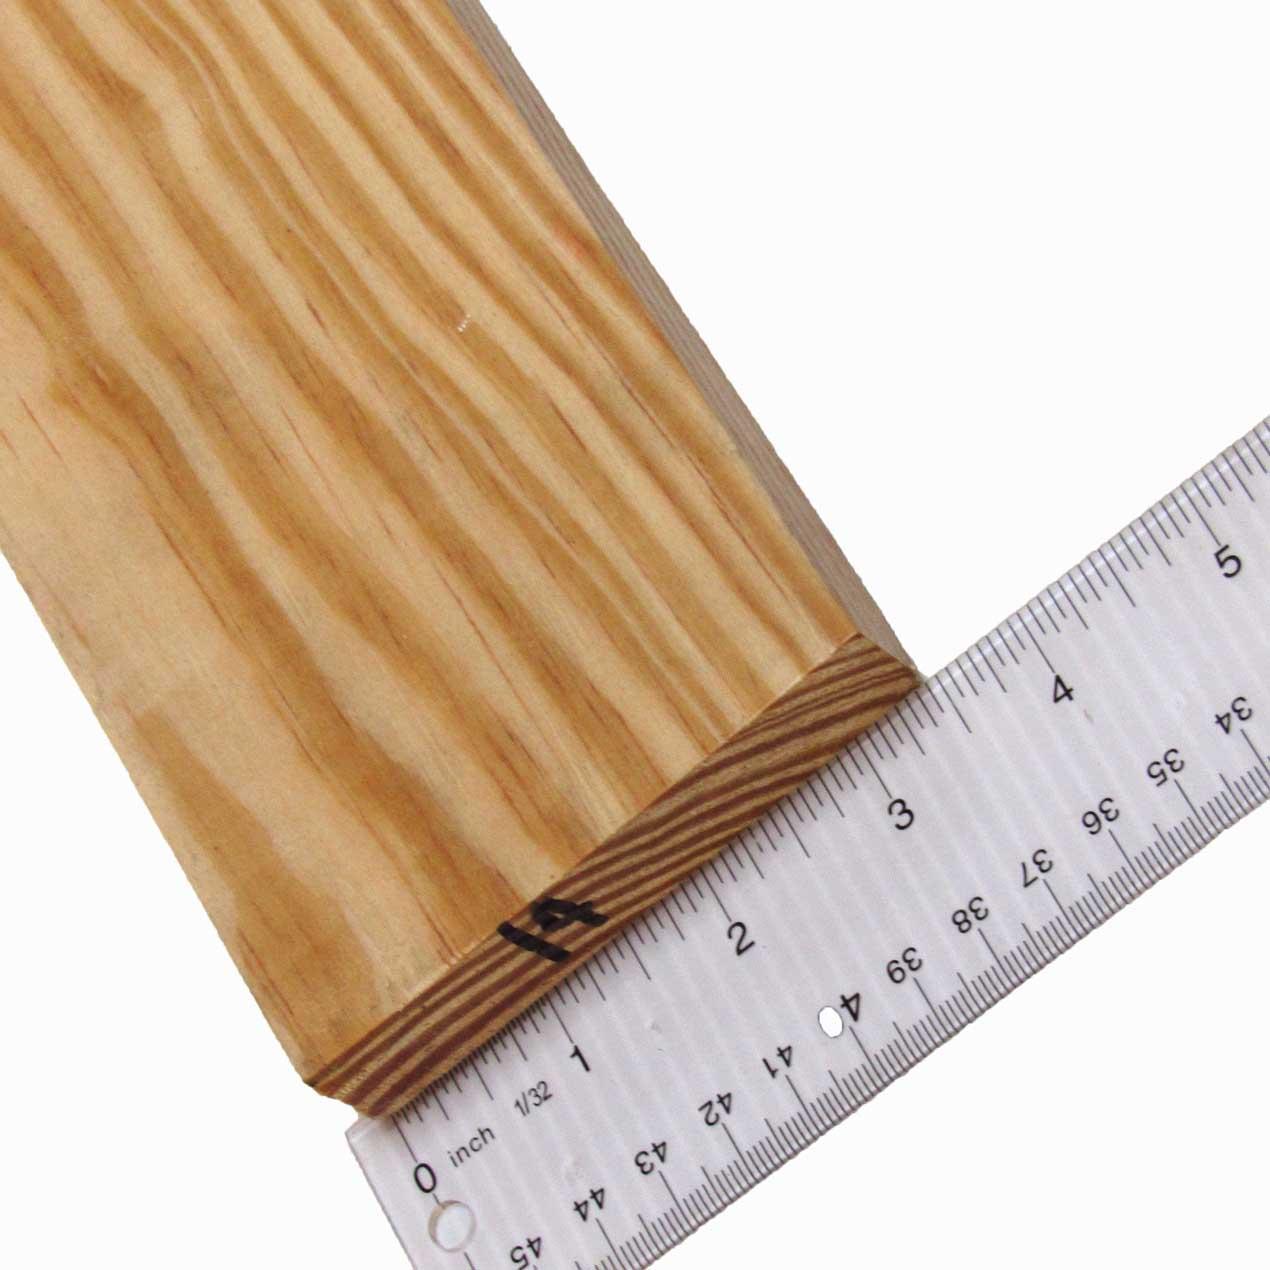 2x4 Yellow Pine Lumber 1 Grade S4s Capitol City Lumber